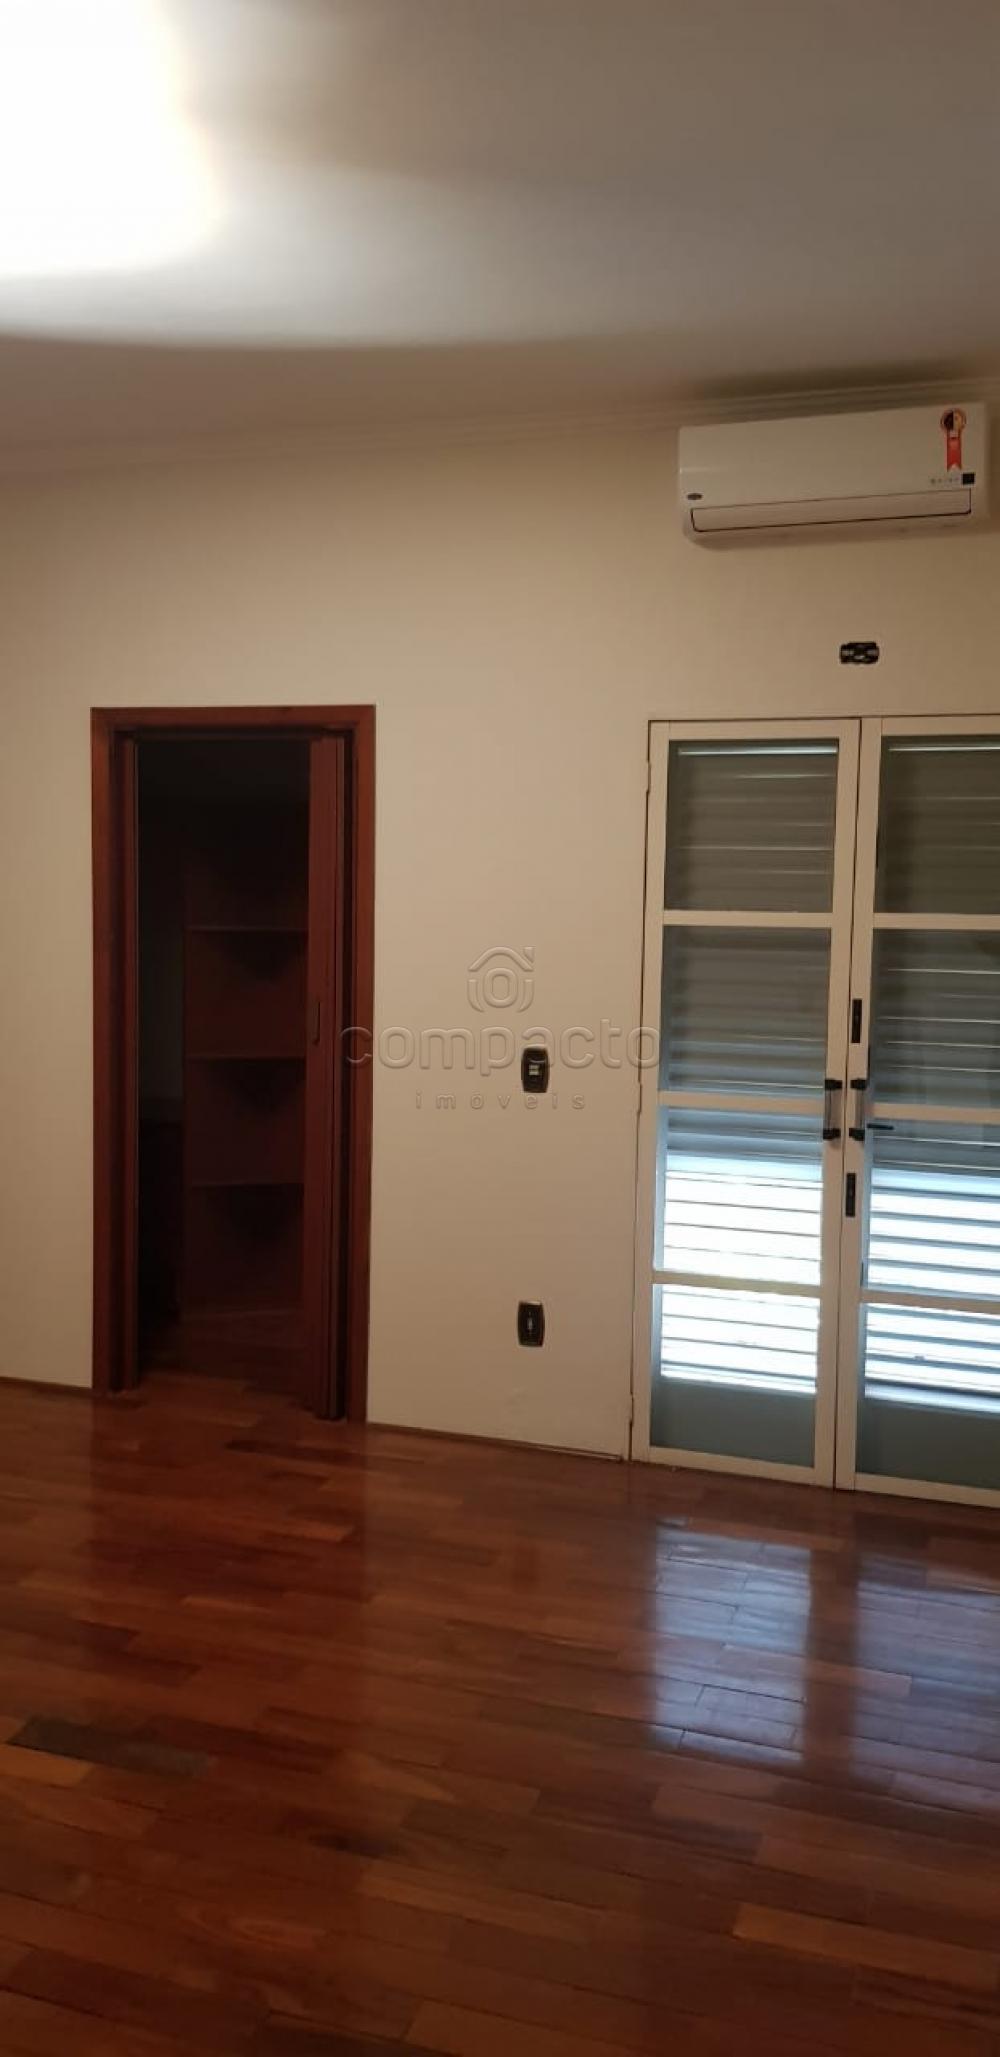 Alugar Casa / Condomínio em São José do Rio Preto apenas R$ 4.000,00 - Foto 19